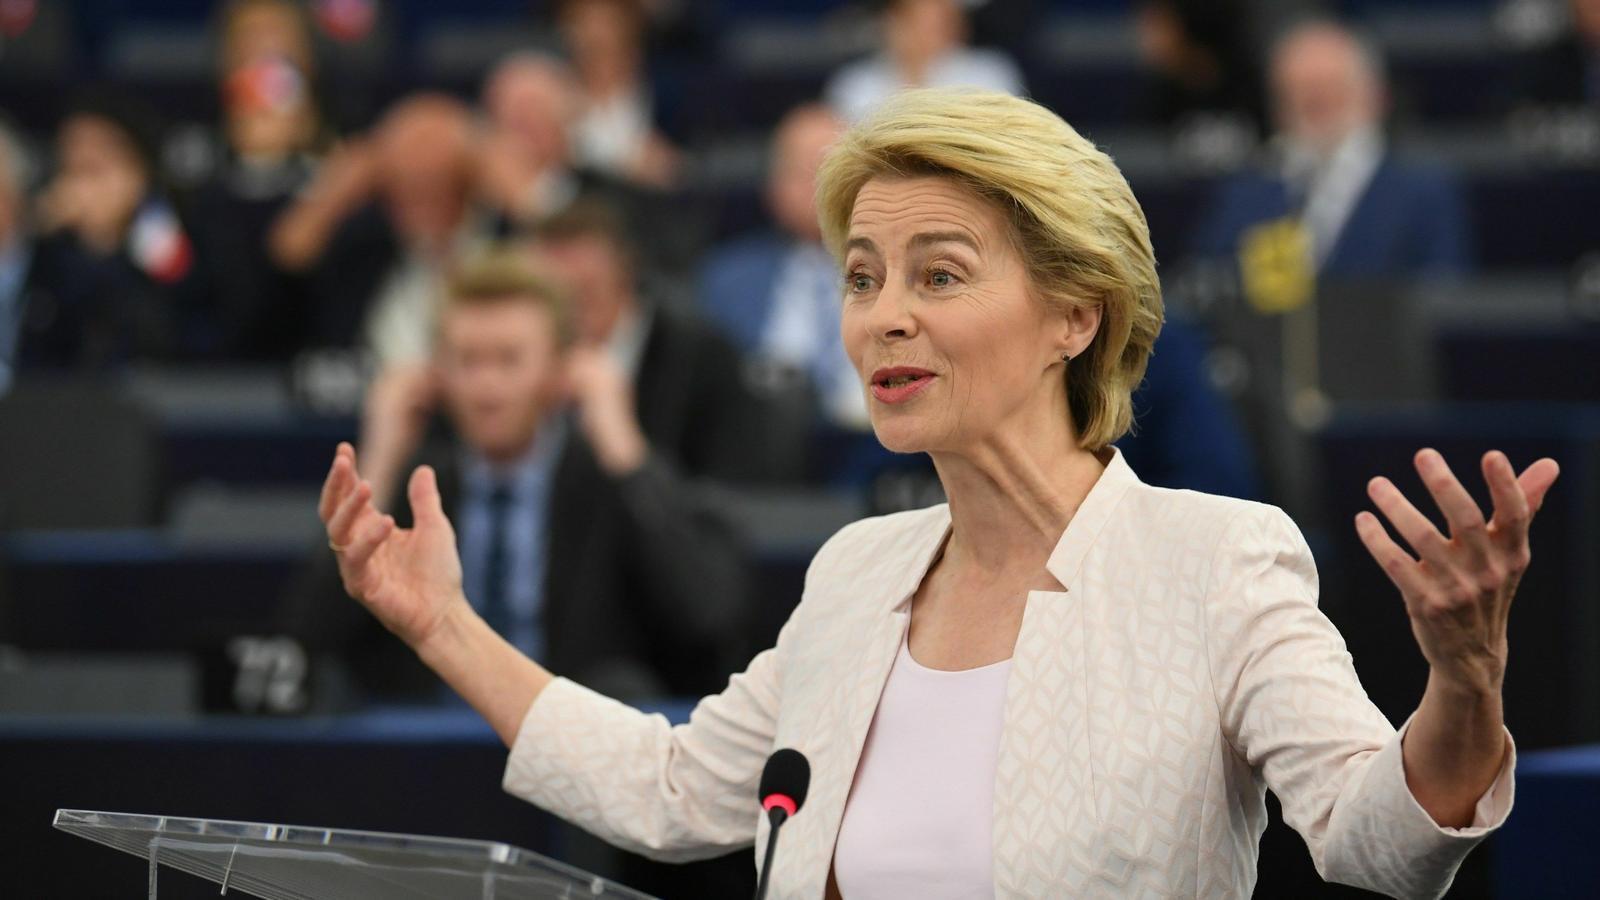 La candidata a presidir la Comissió, Ursula Von der Leyen, en el debat al Parlament Europeu.